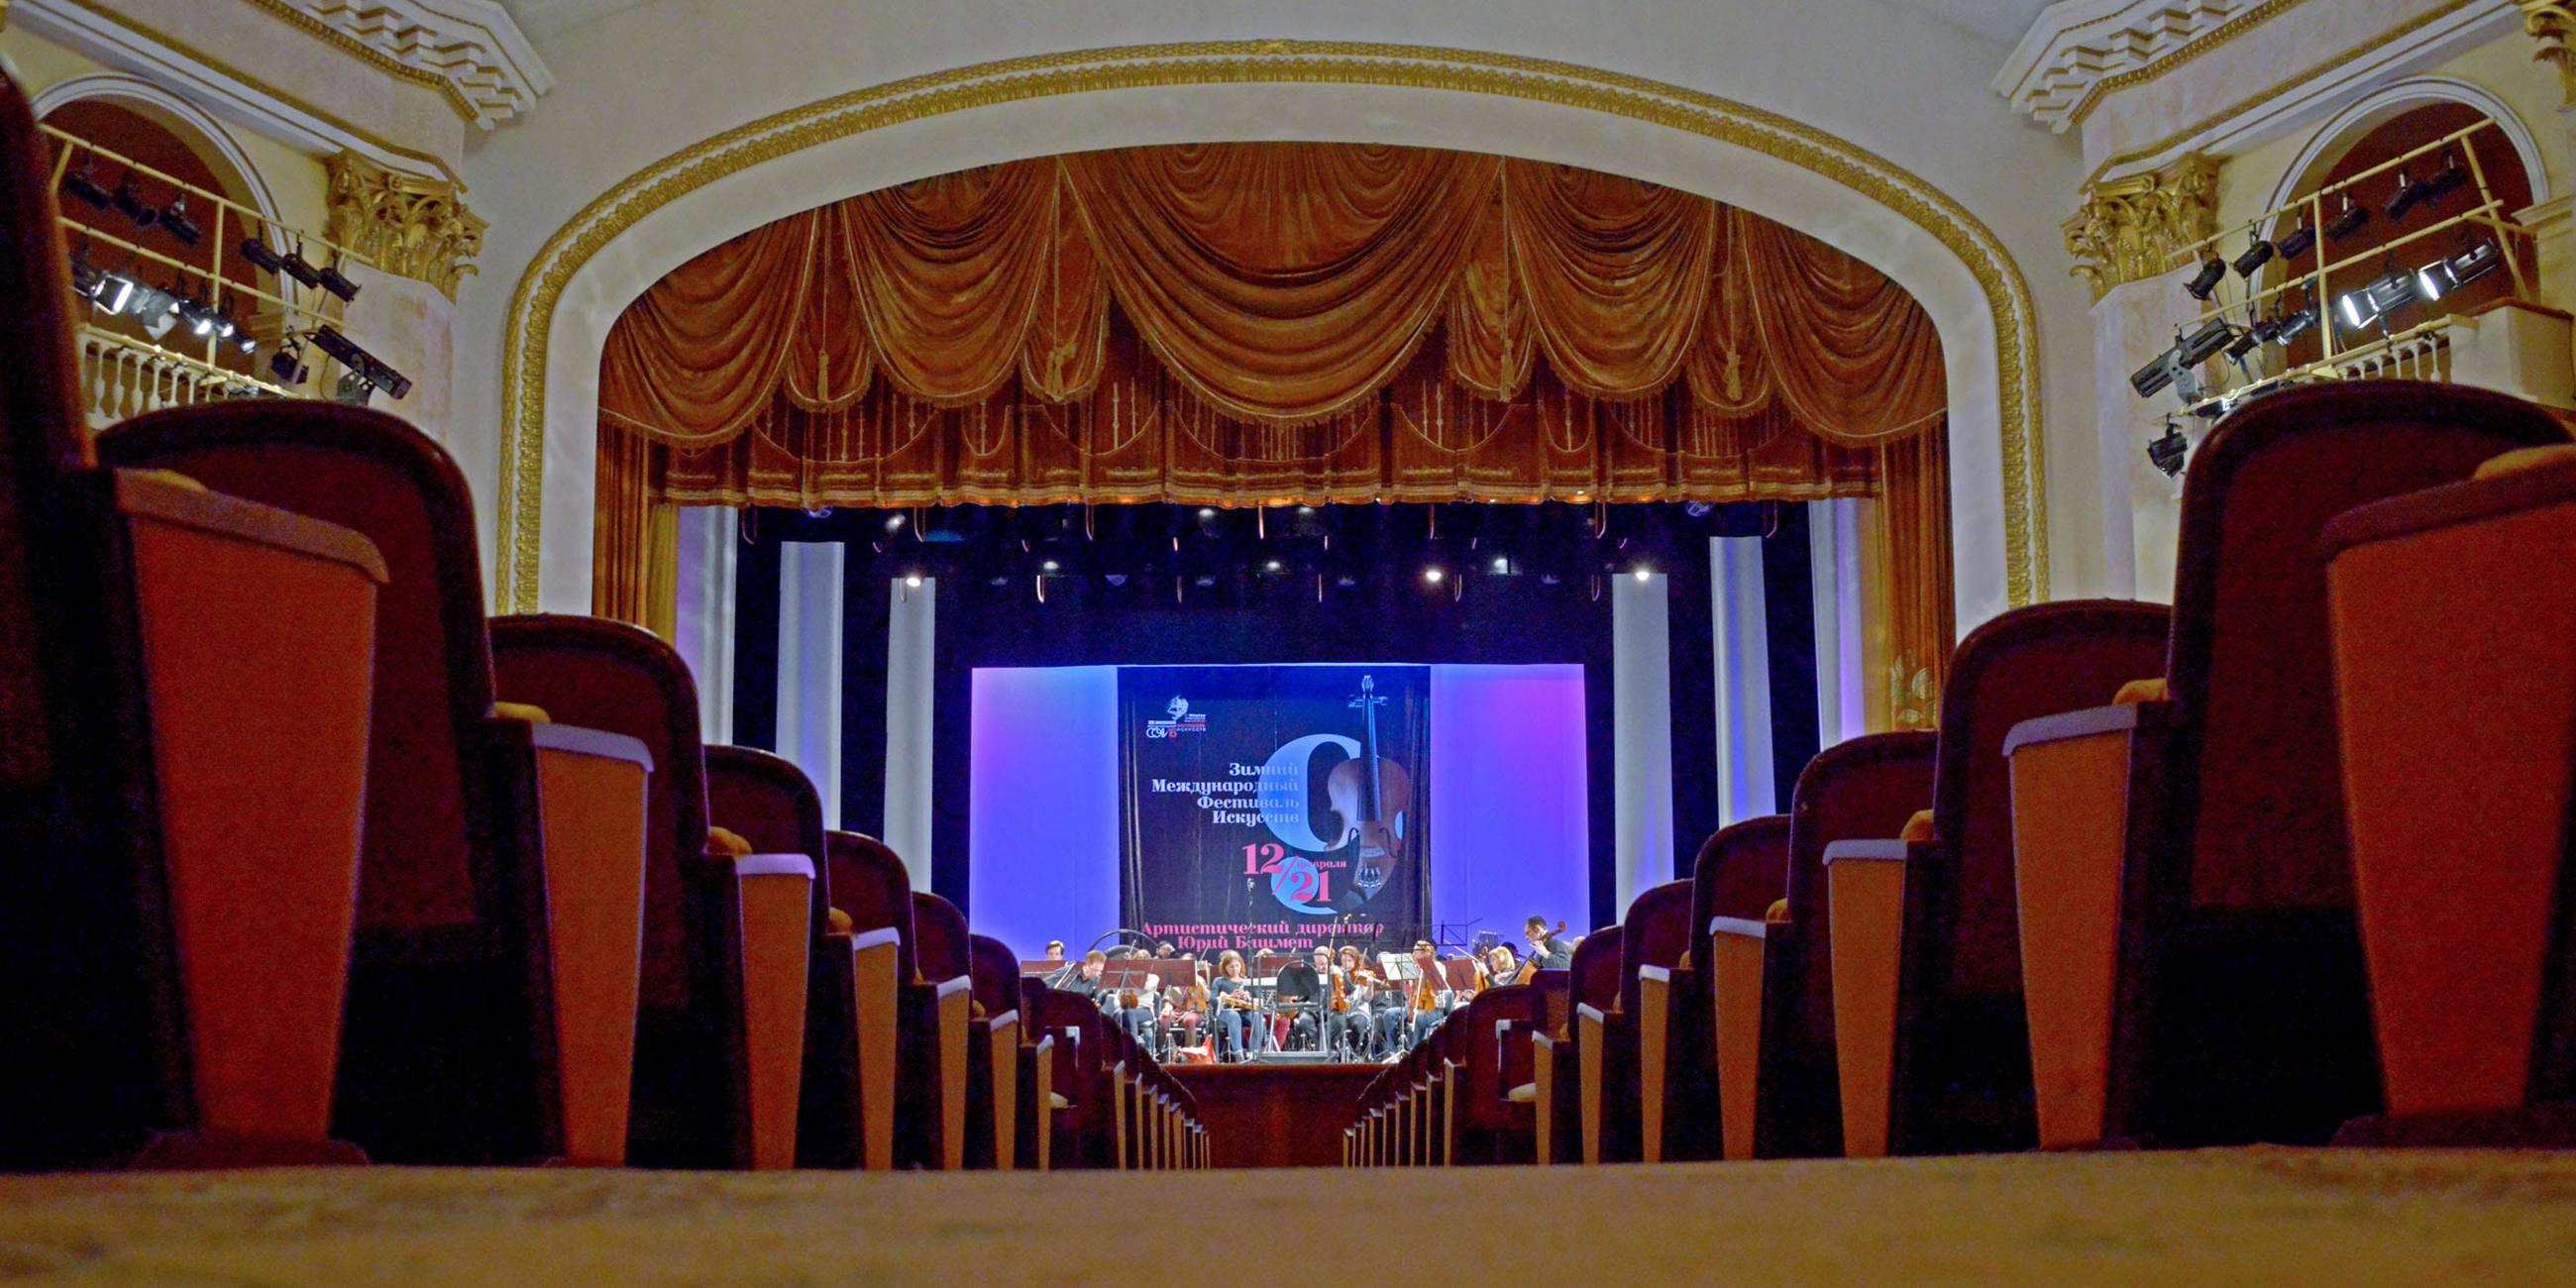 В феврале в театре проходит Зимний международный фестиваль искусств Ю. Башмета